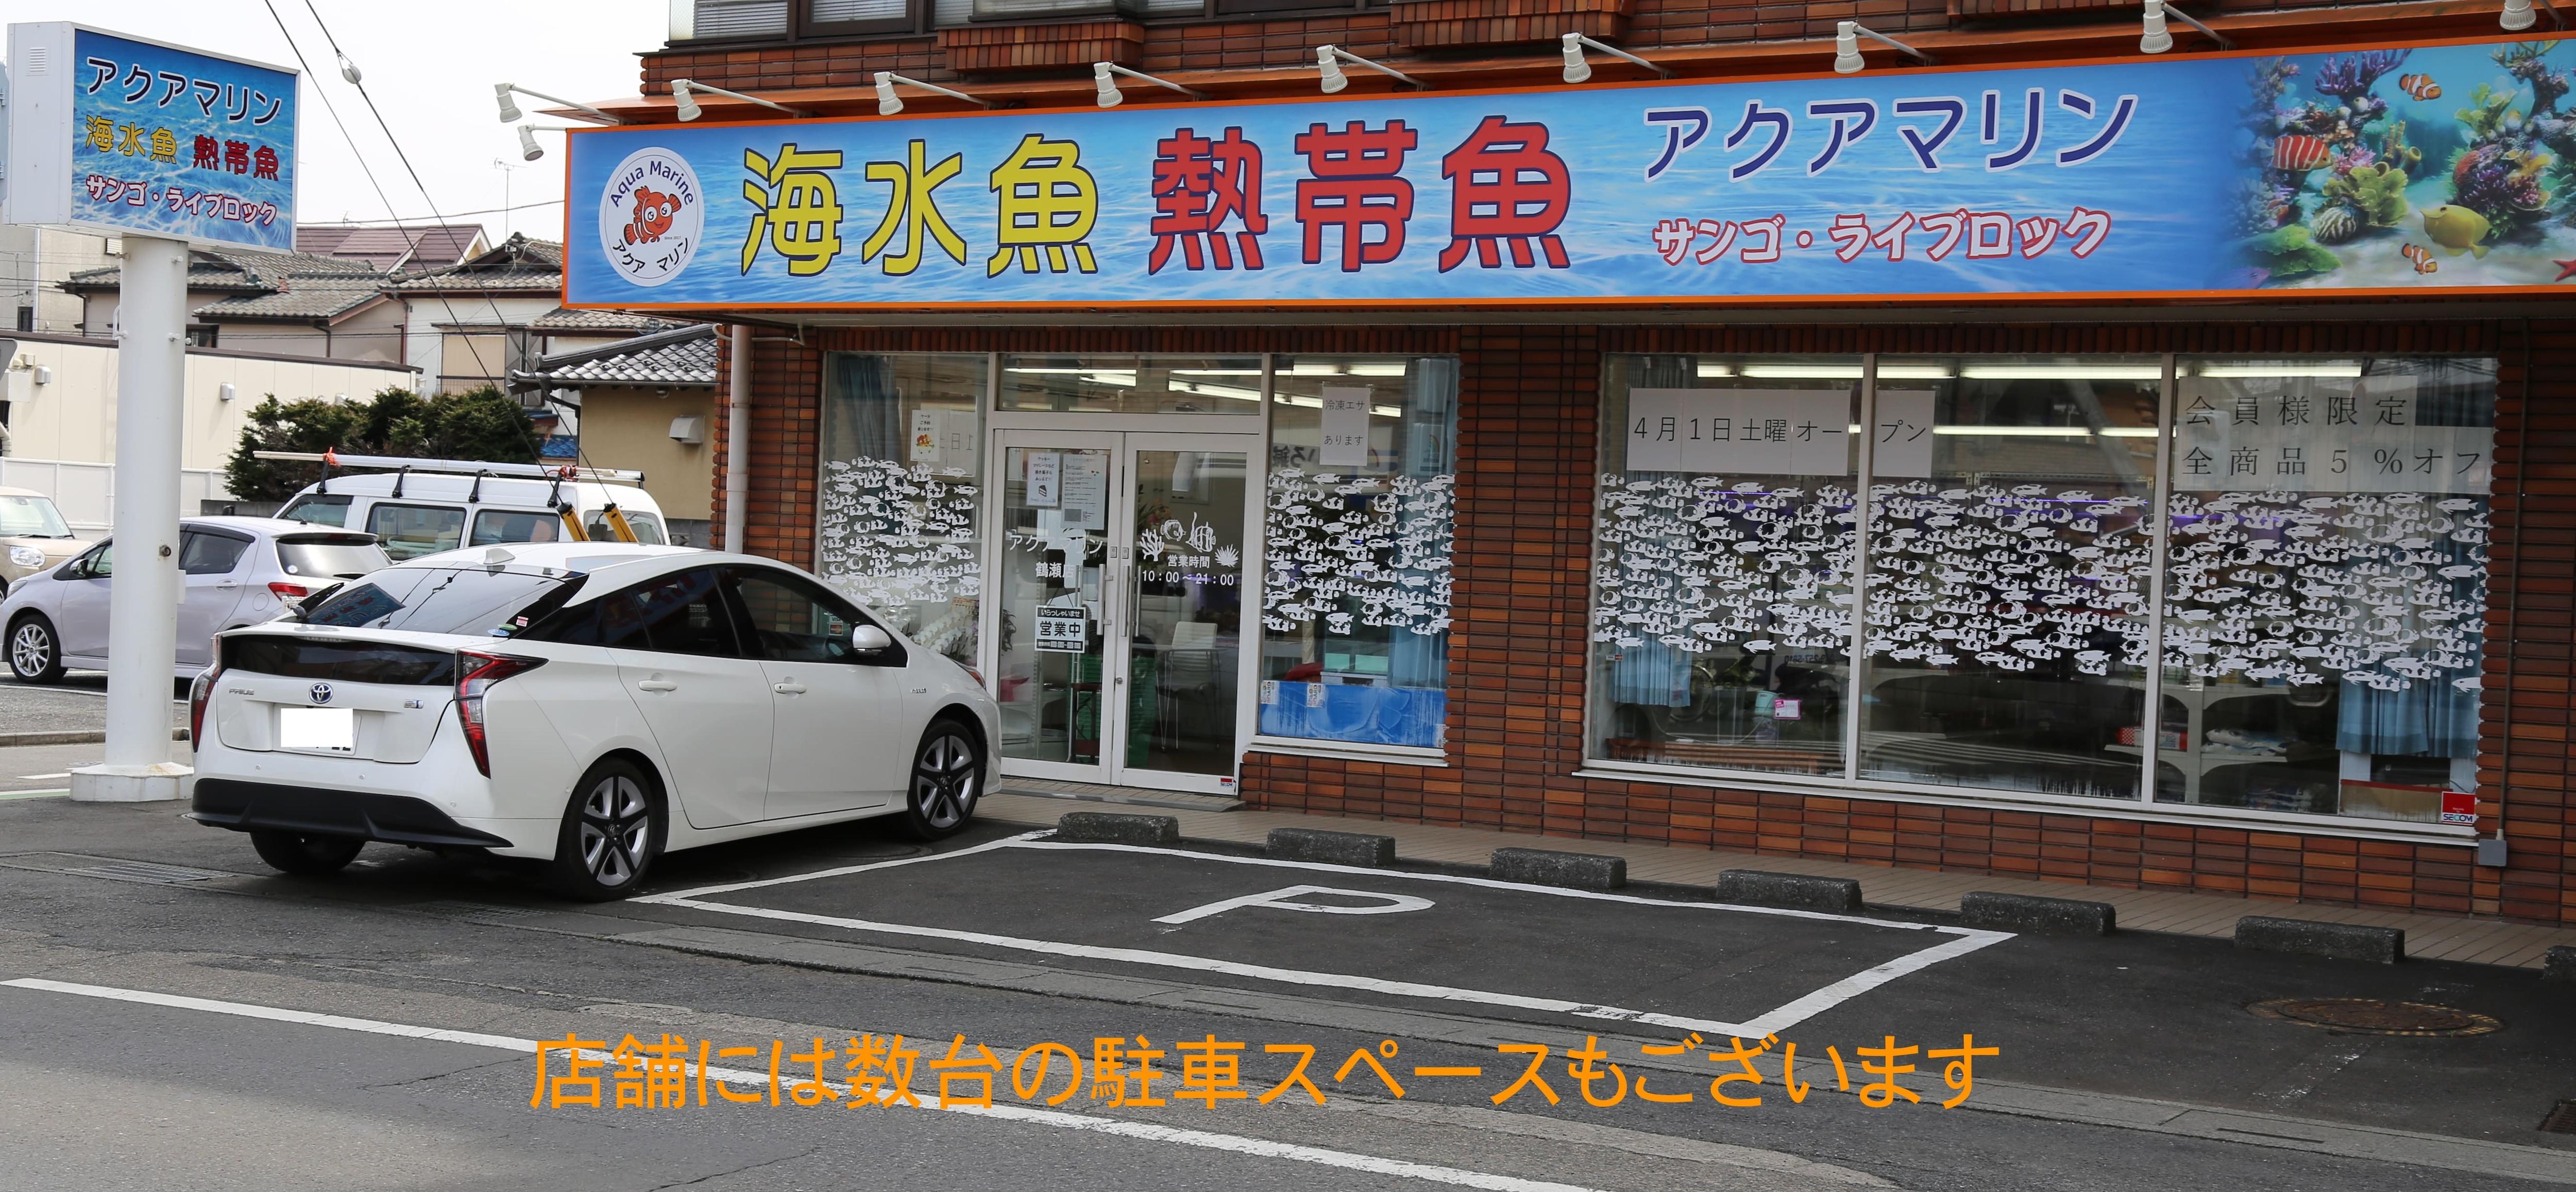 アクアマリン埼玉鶴瀬店の外観